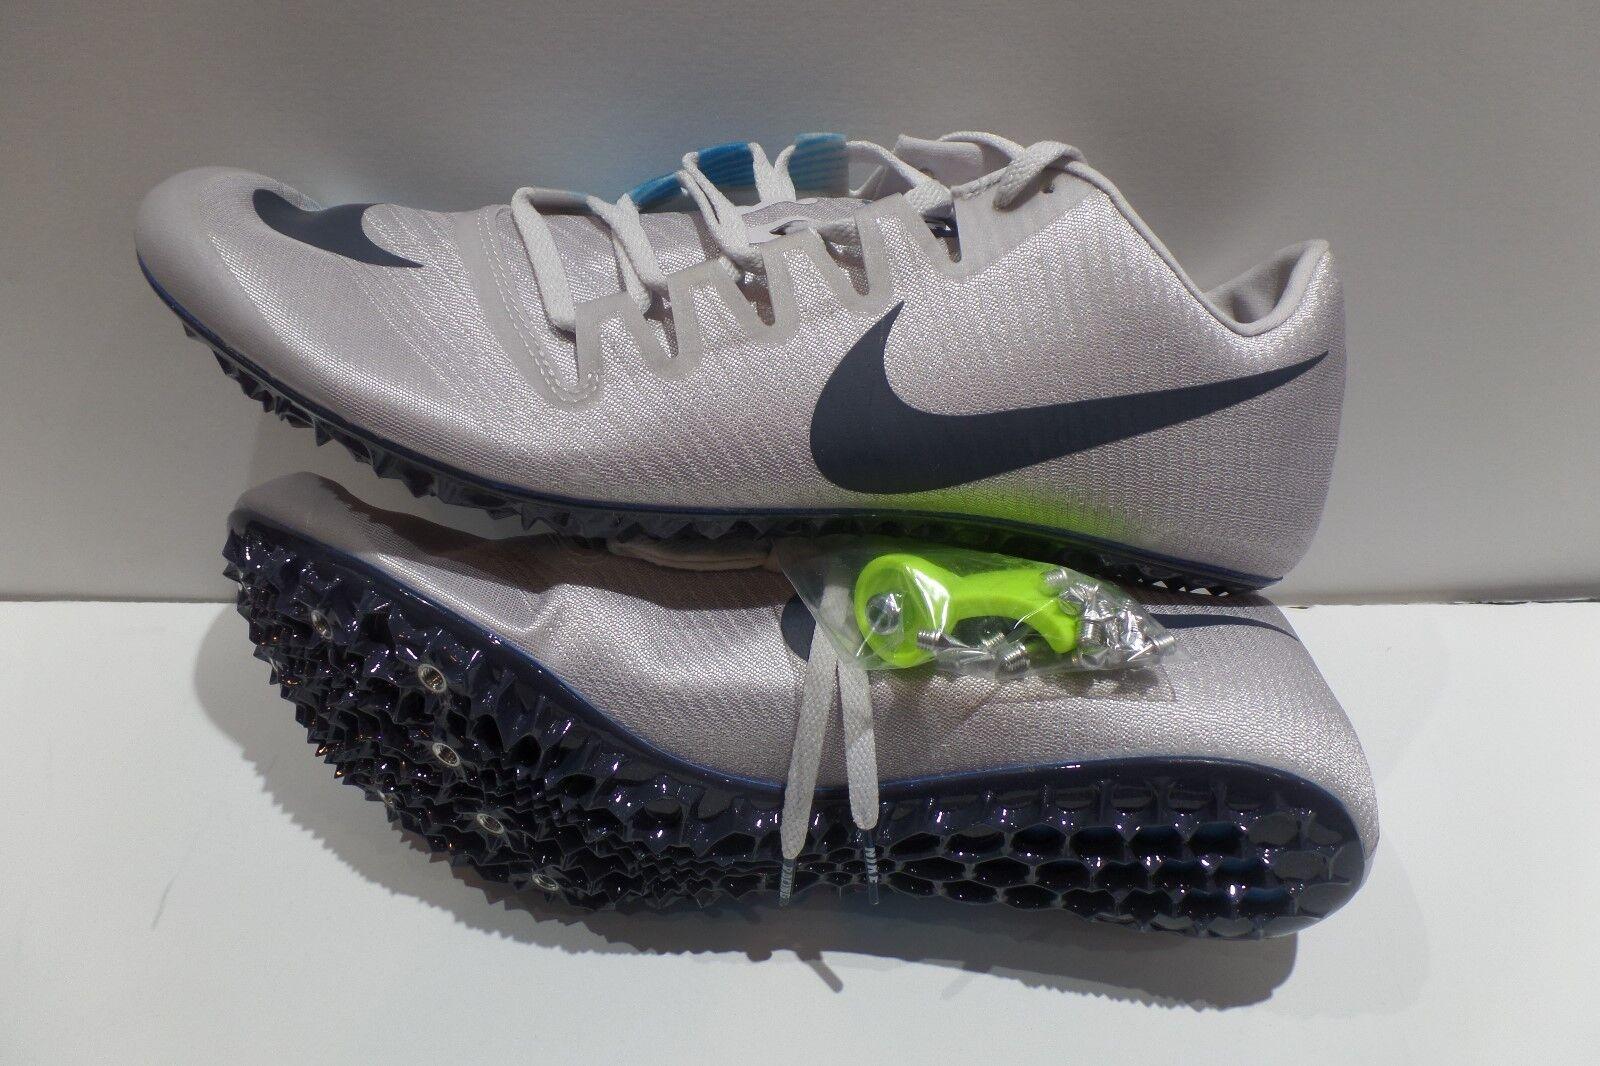 Nike Zoom JA Fly 3 Track Spikes Vast Grey bluee Black 865633 004 Men Sz 13